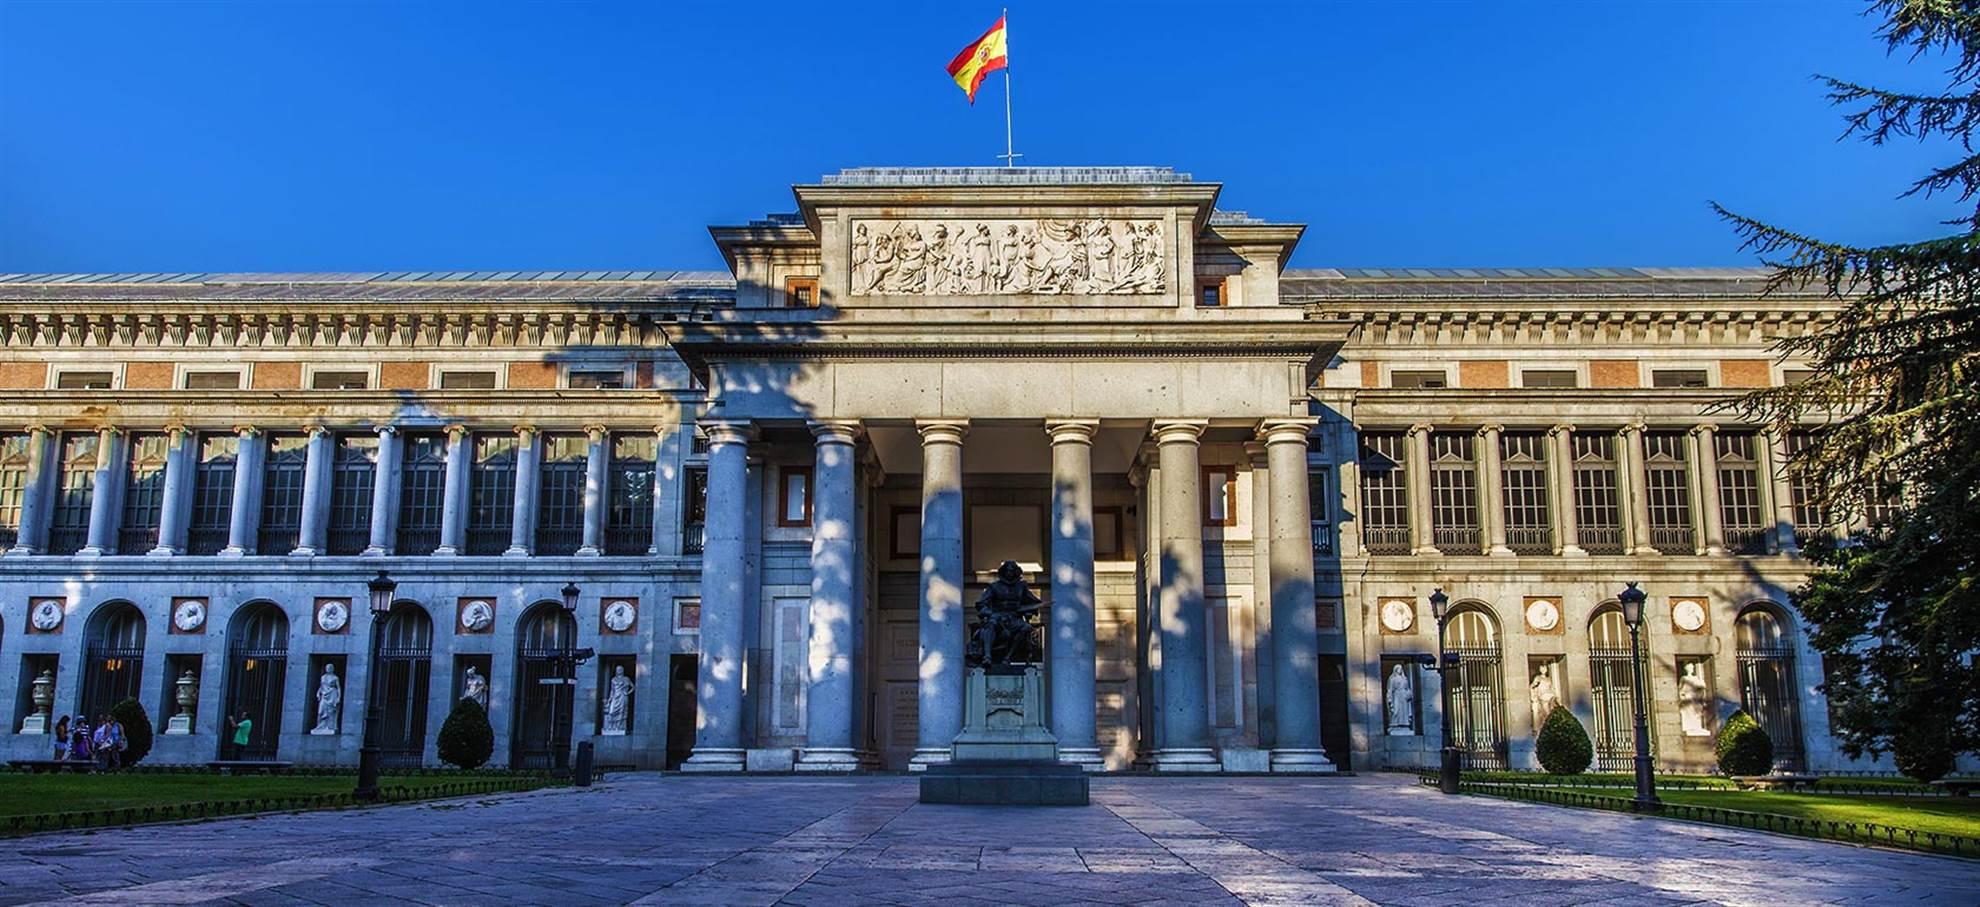 Prado Museum Skip the line + guide (MADPRADO)